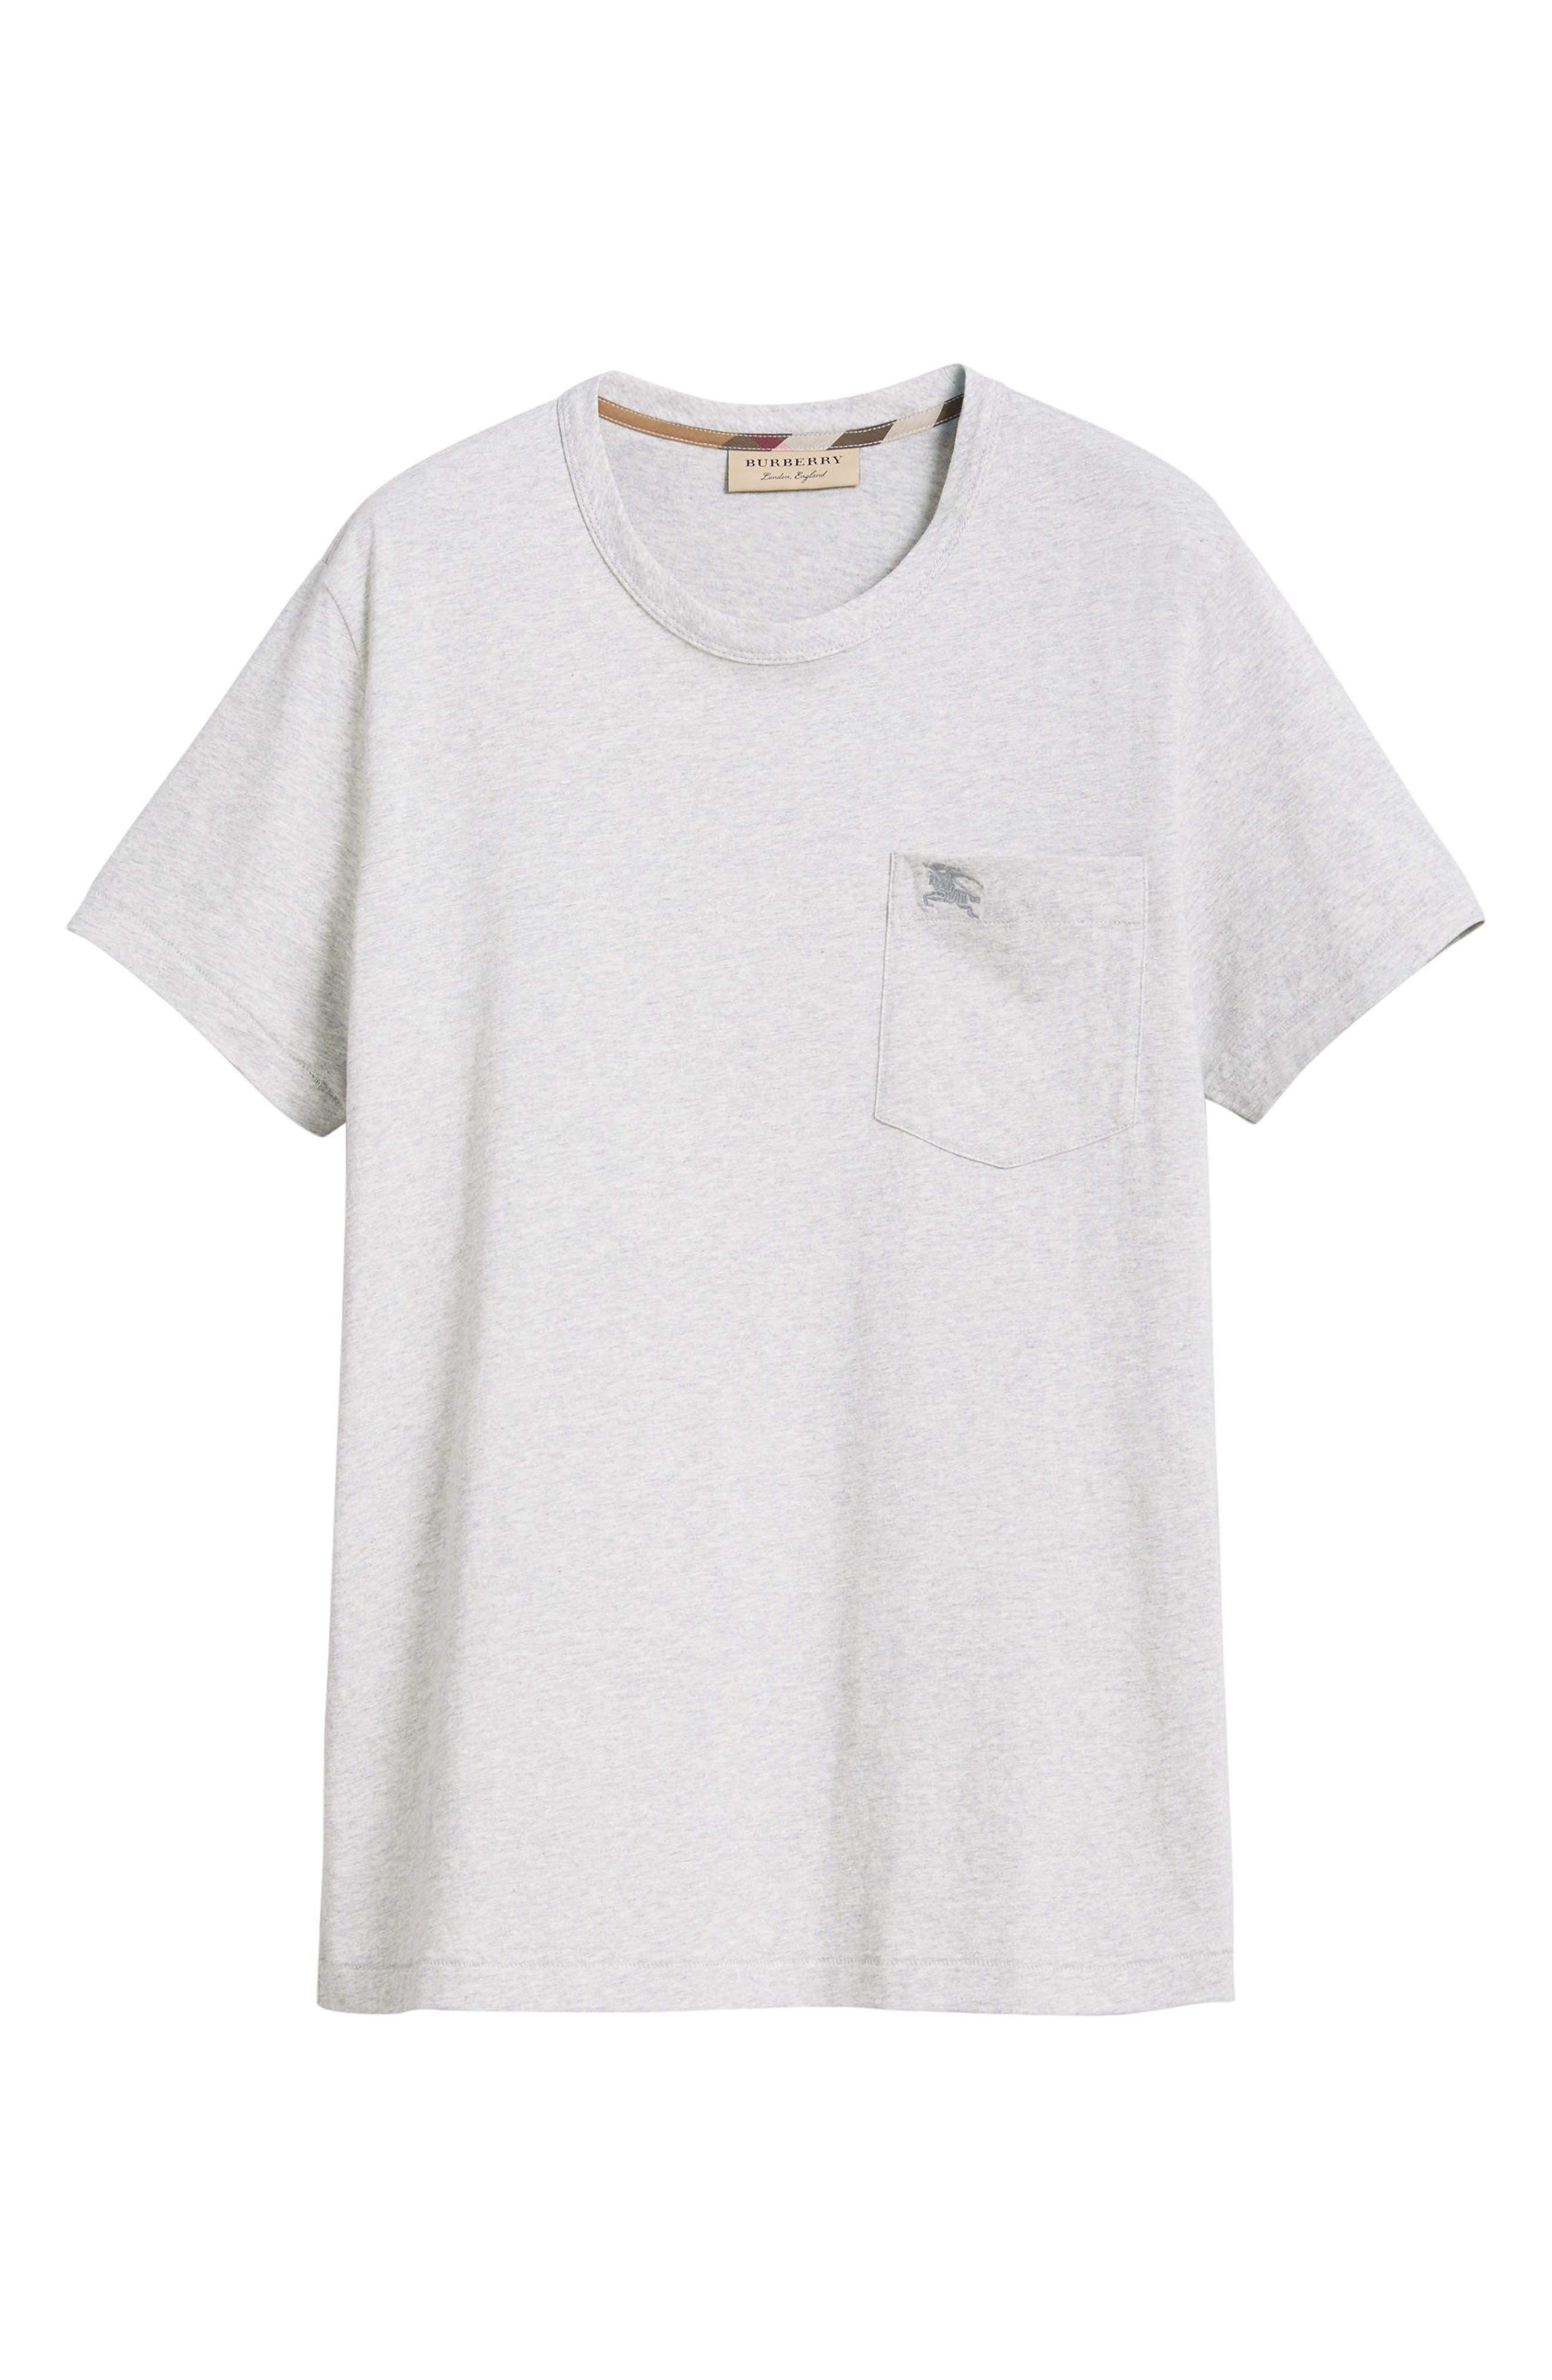 Henton T-Shirt,                             Alternate thumbnail 5, color,                             050